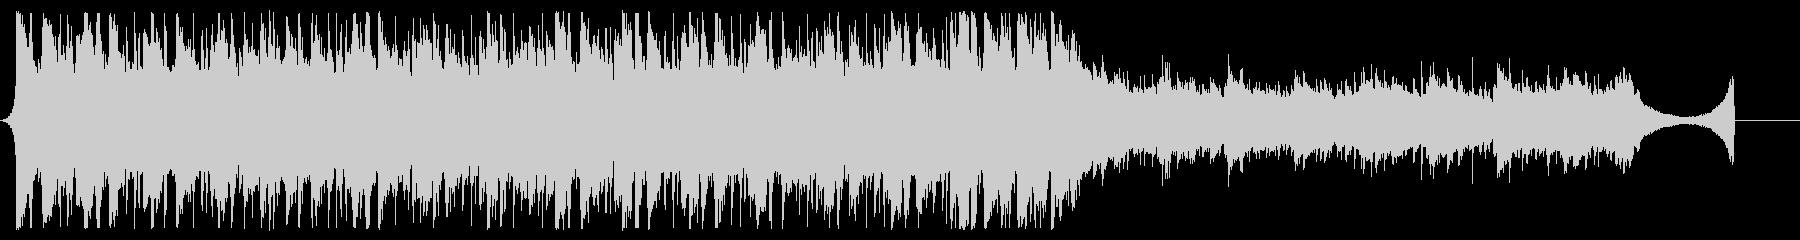 アコギが爽やかなJPOP風BGM60秒の未再生の波形